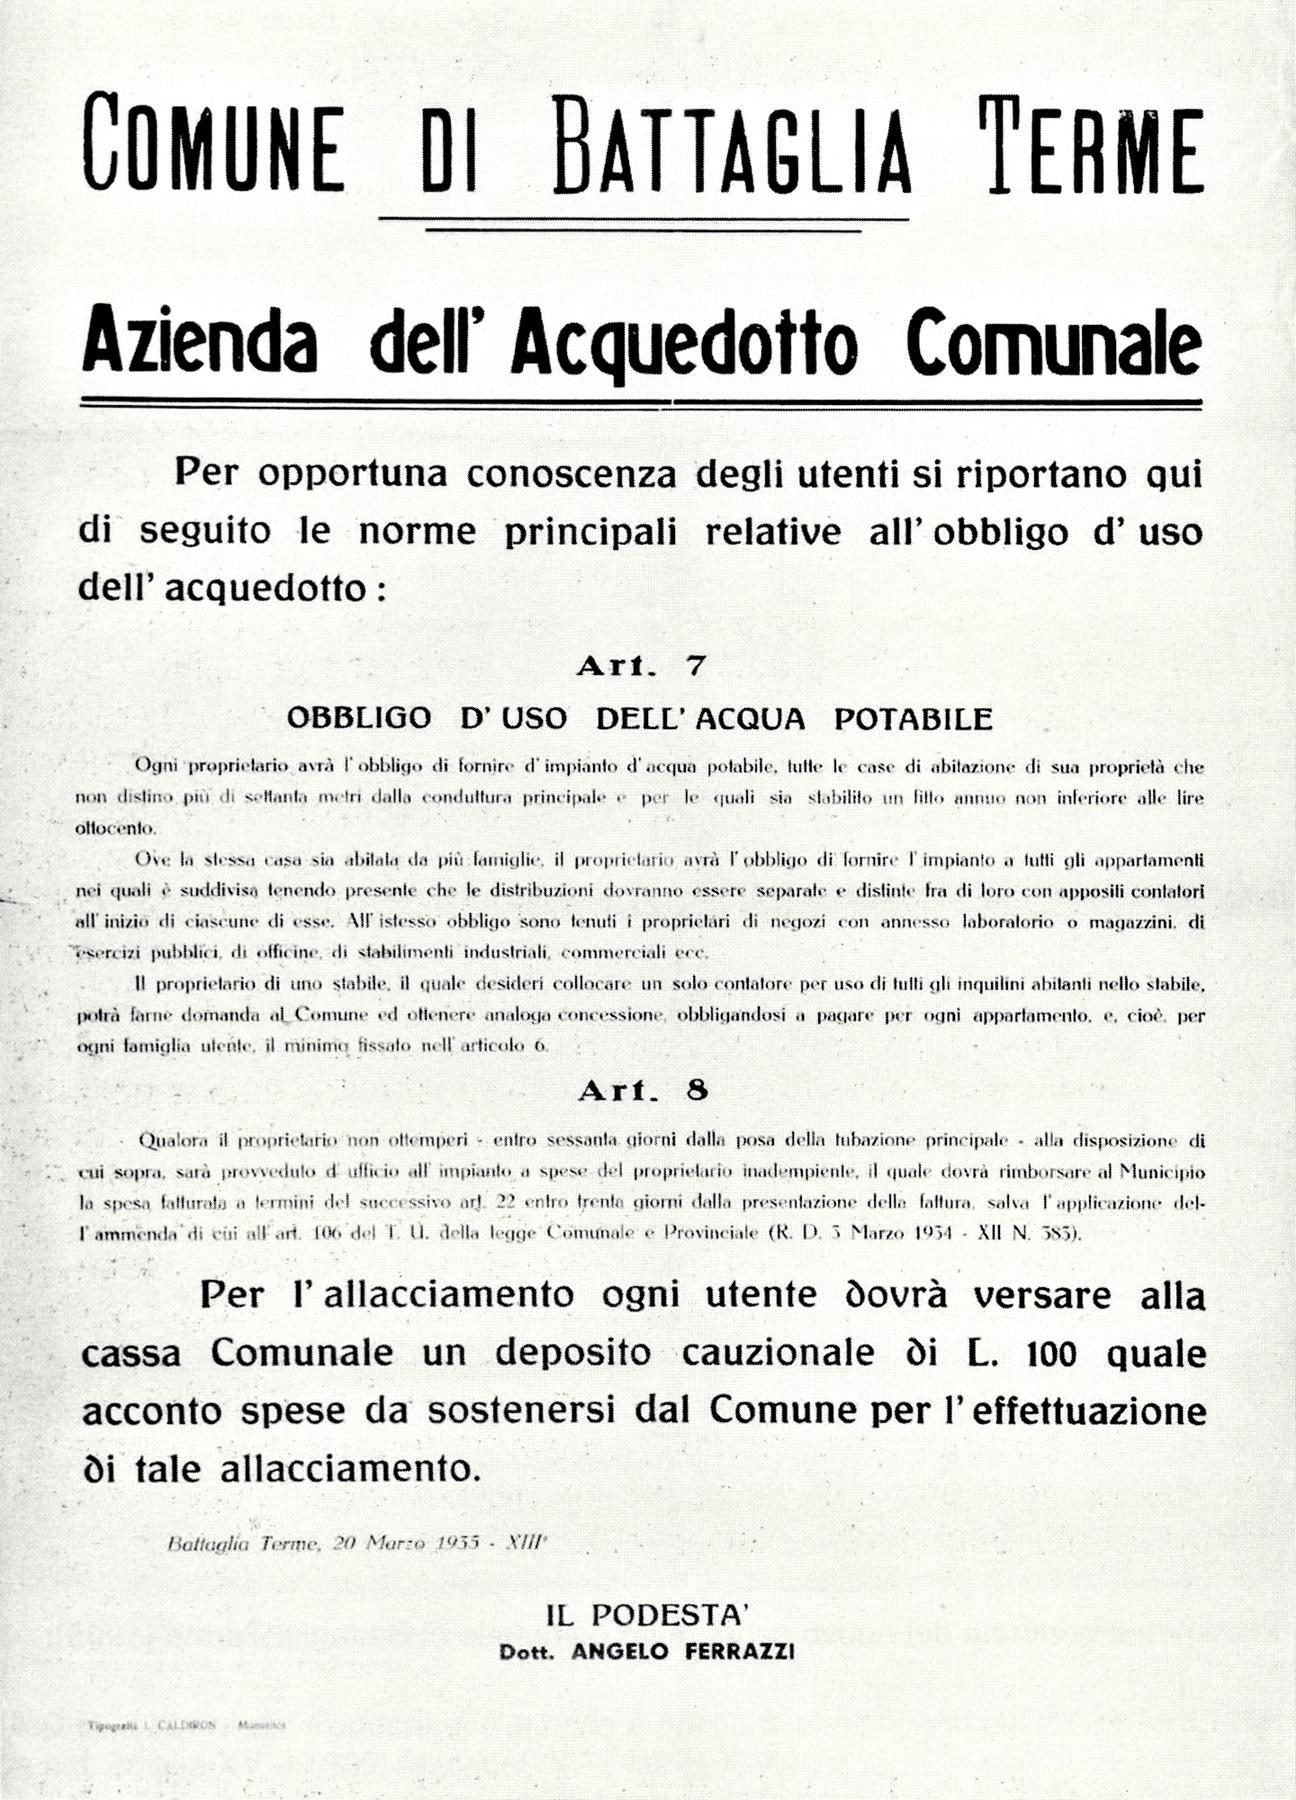 Azienda dell'Acquedotto comunale di Battaglia Terme, manifesto (1935).